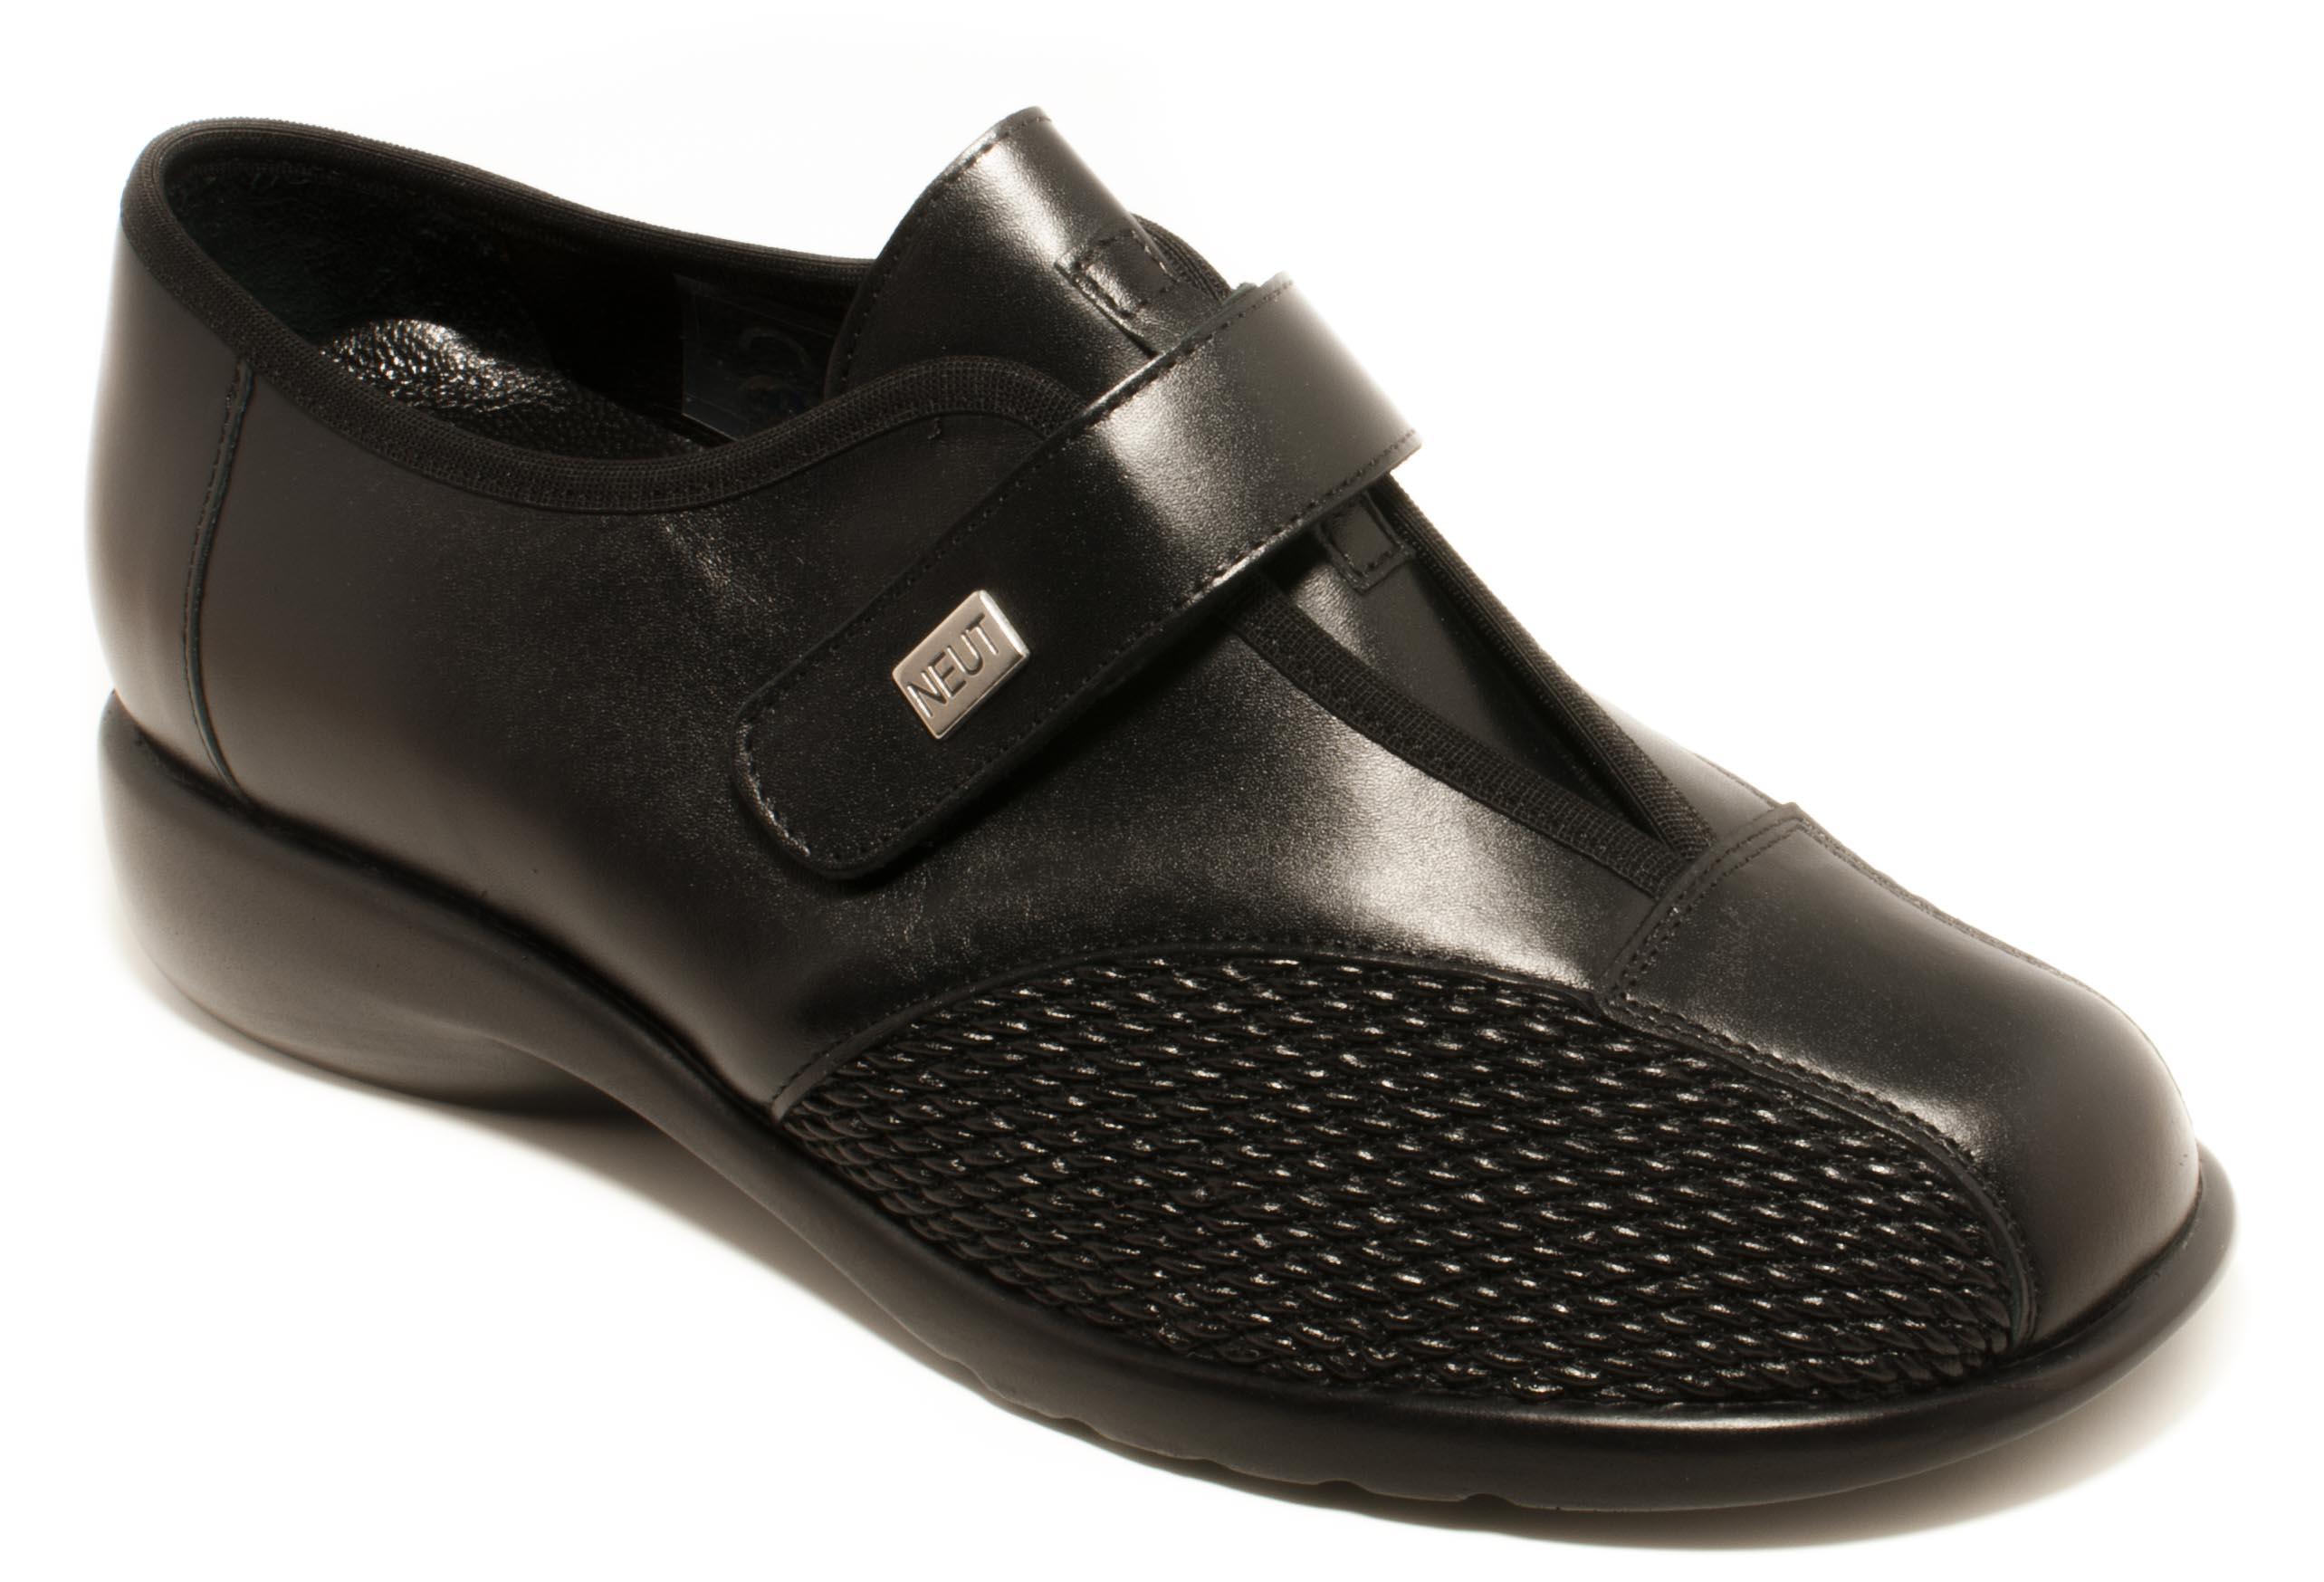 Chaussures confort femme : Ce que je vous recommande pour bien vous chausser en tant que femme